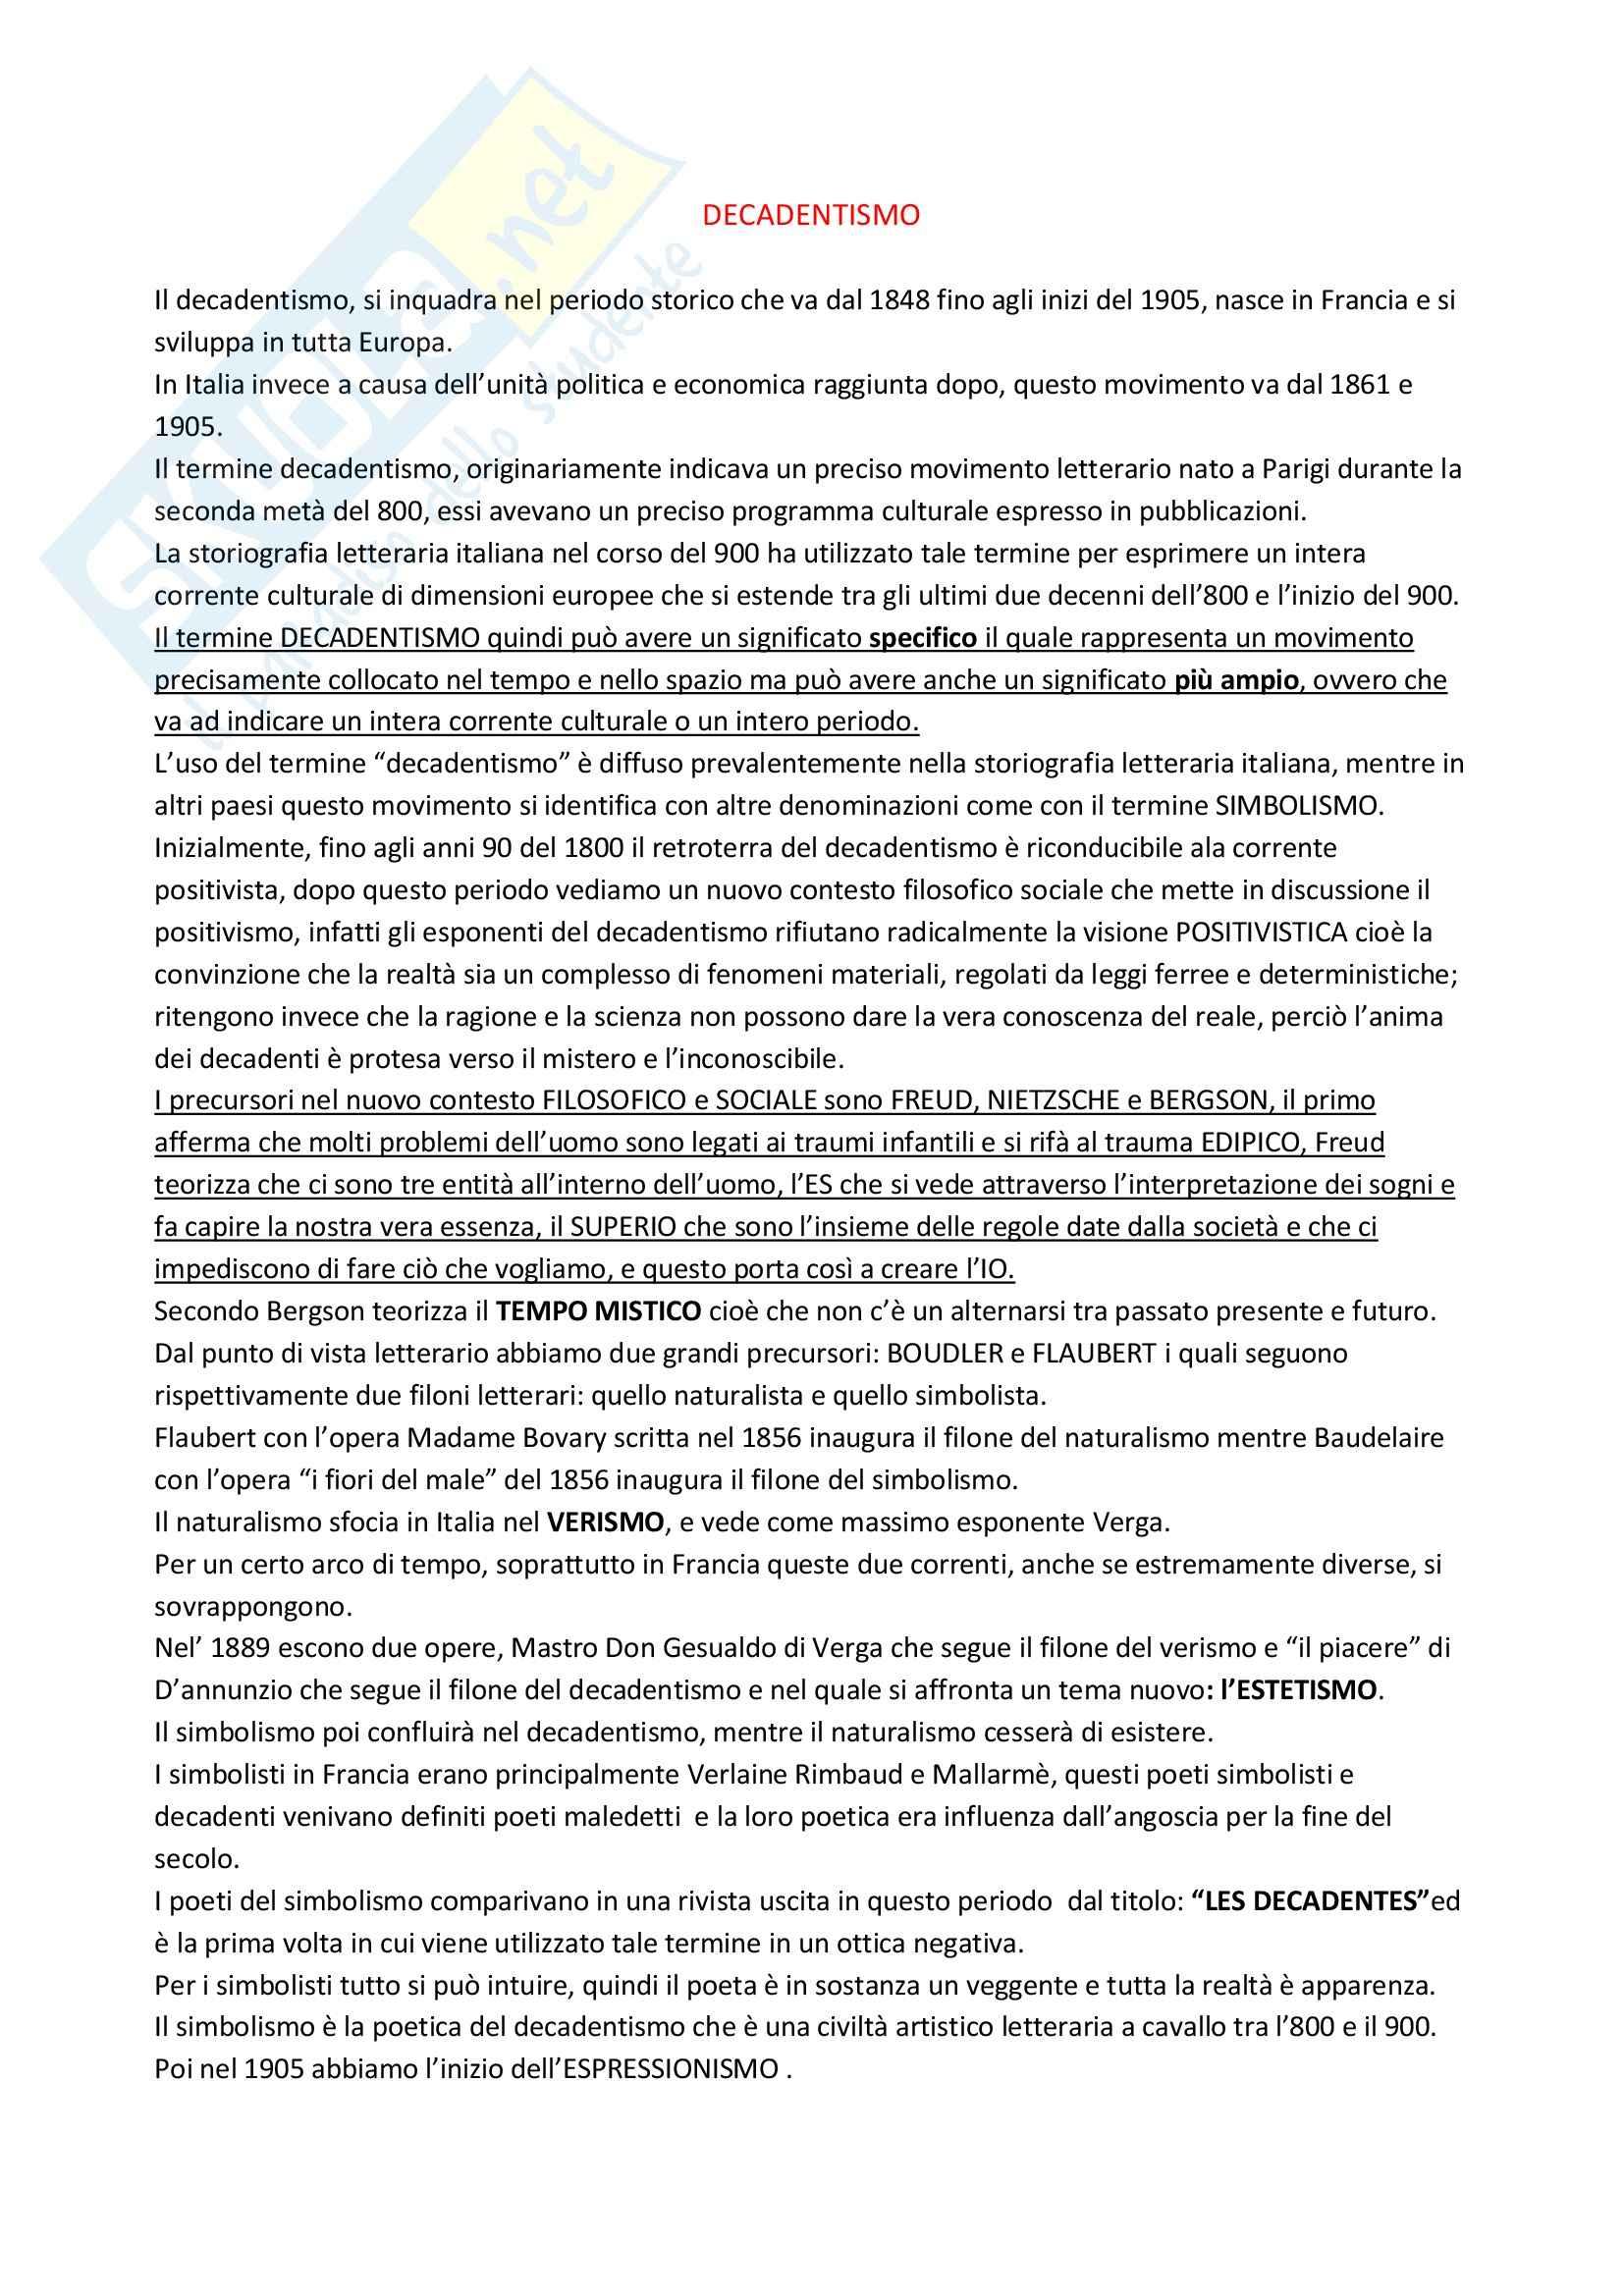 Letteratura italiana - Pascoli e il decadentismo